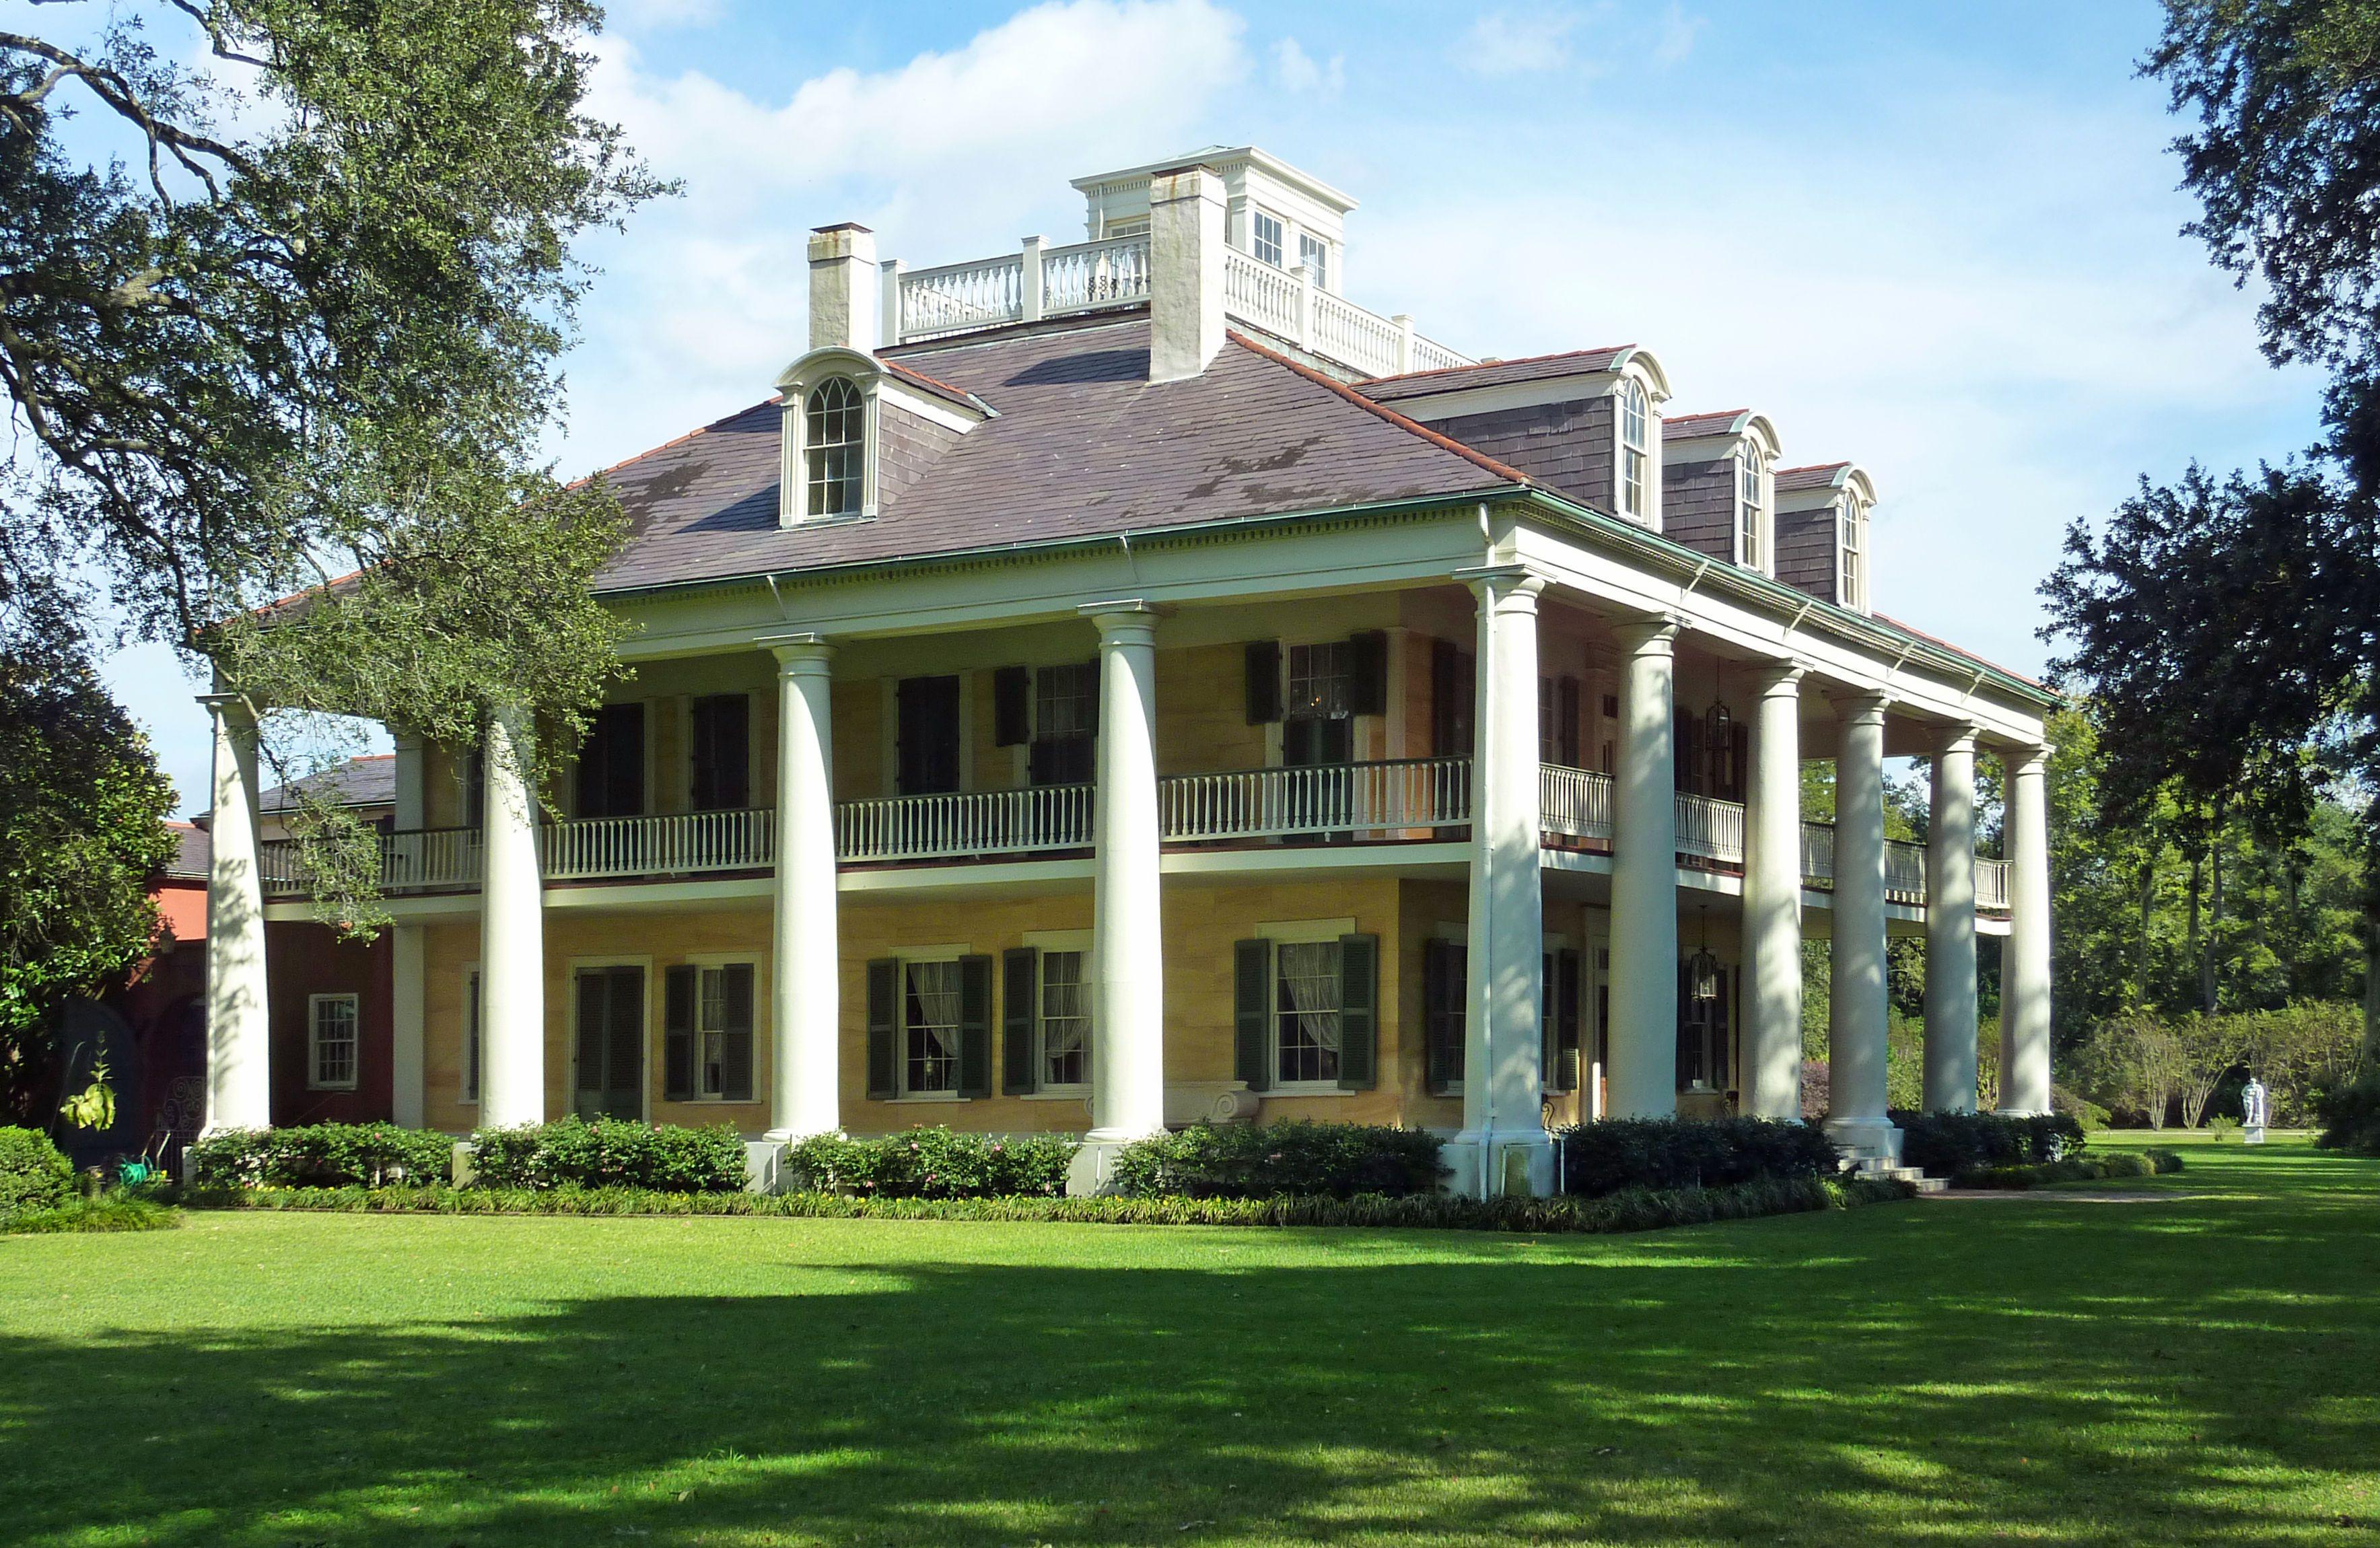 dfa4c51080cb99c57d64eaccf6e5478f - Houmas House Plantation And Gardens Louisiana